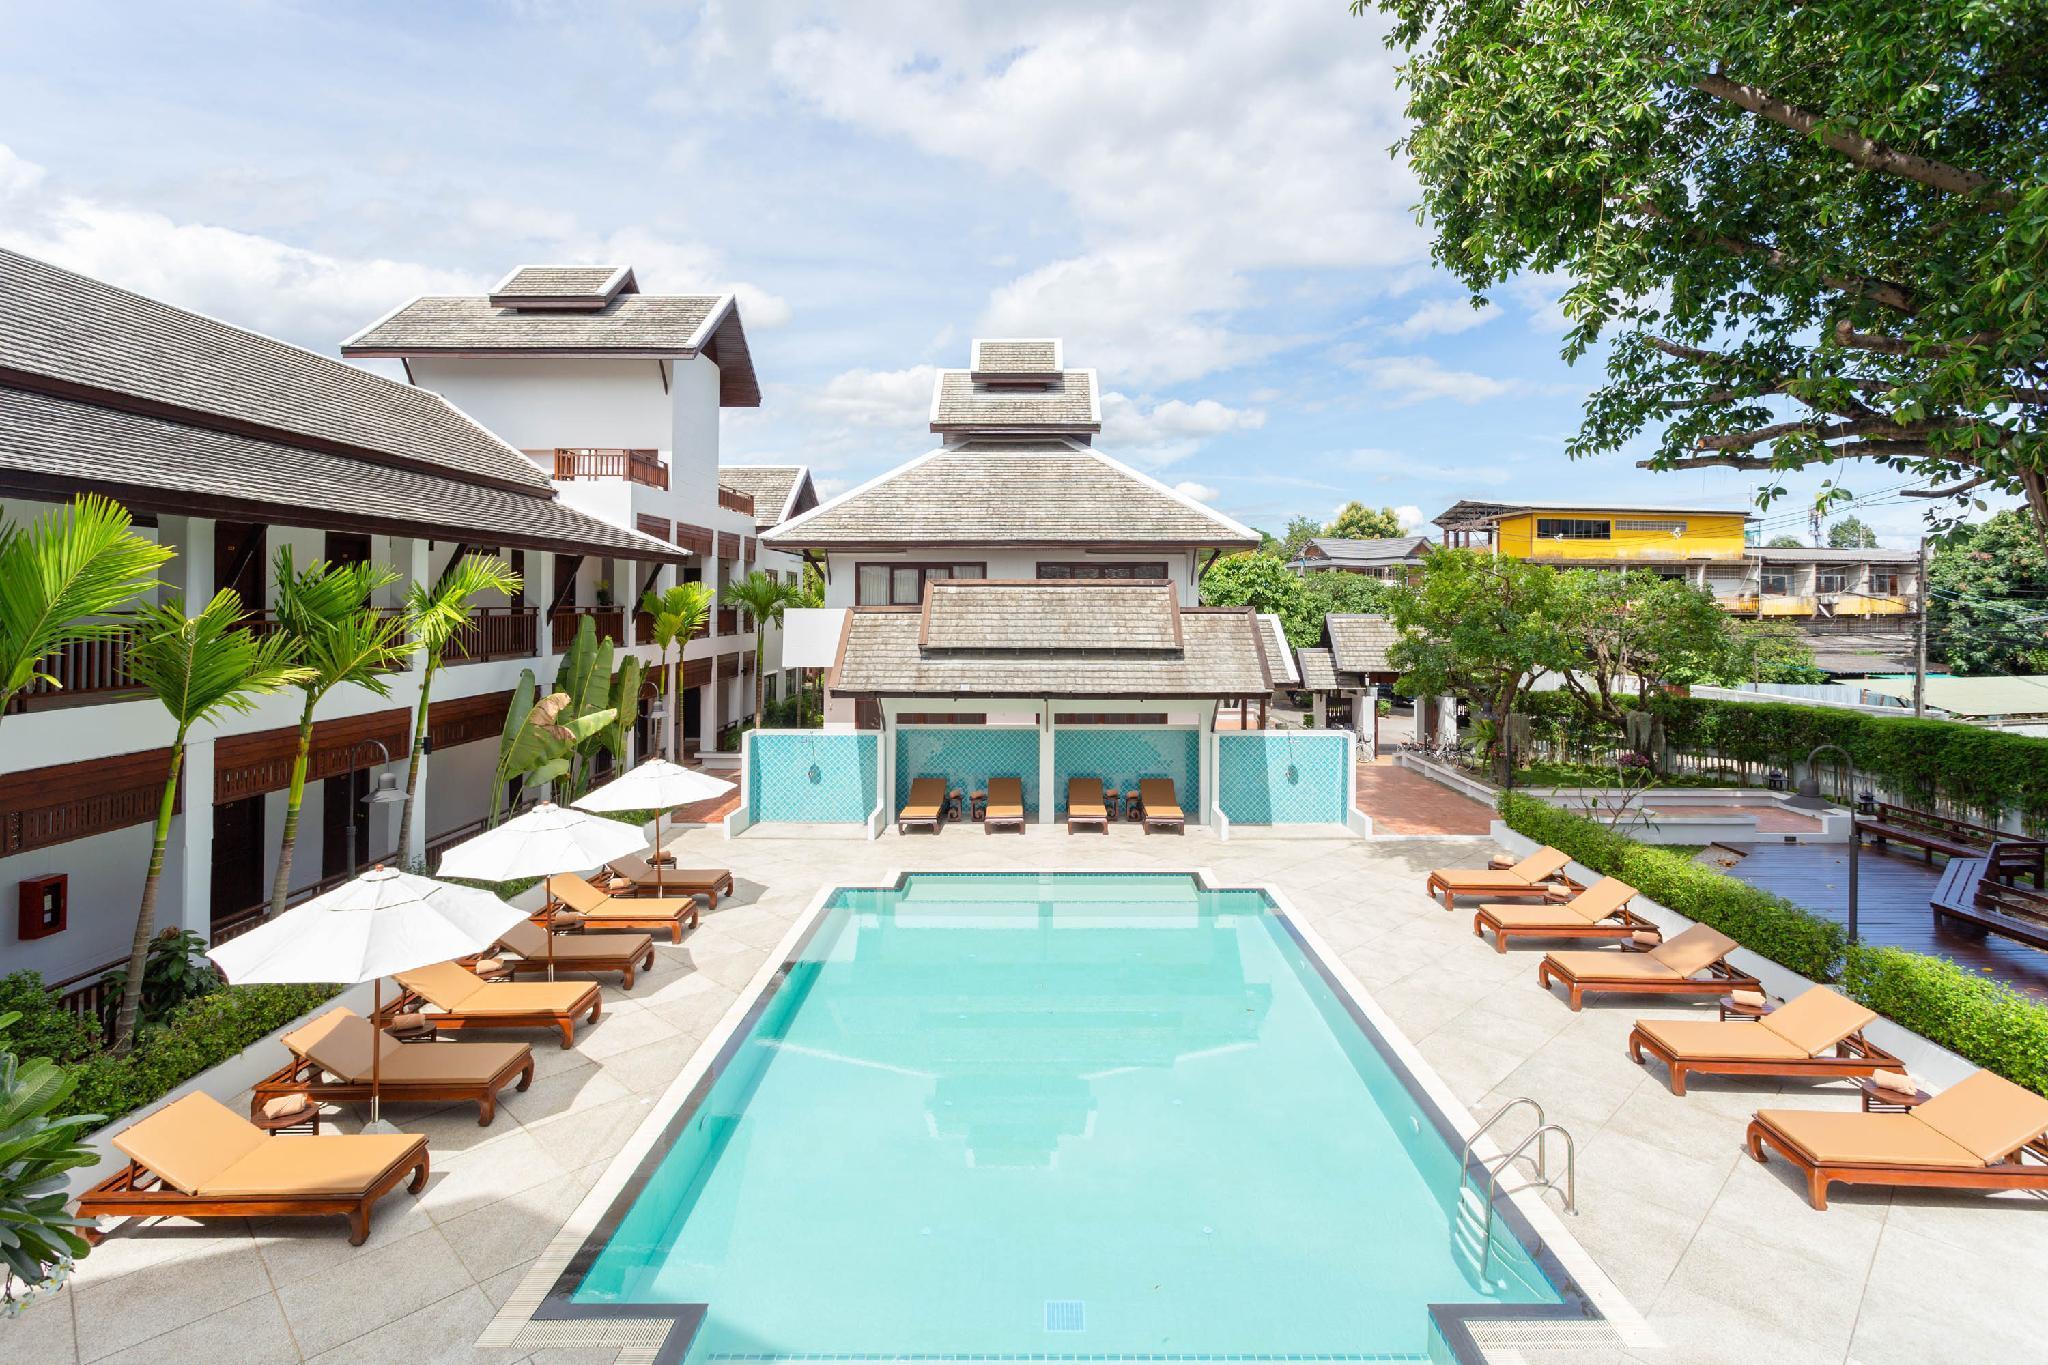 รูปภาพ & รีวิว โรงแรมริมปิง วิลเลจ (เชียงใหม่) [CR] Pantip